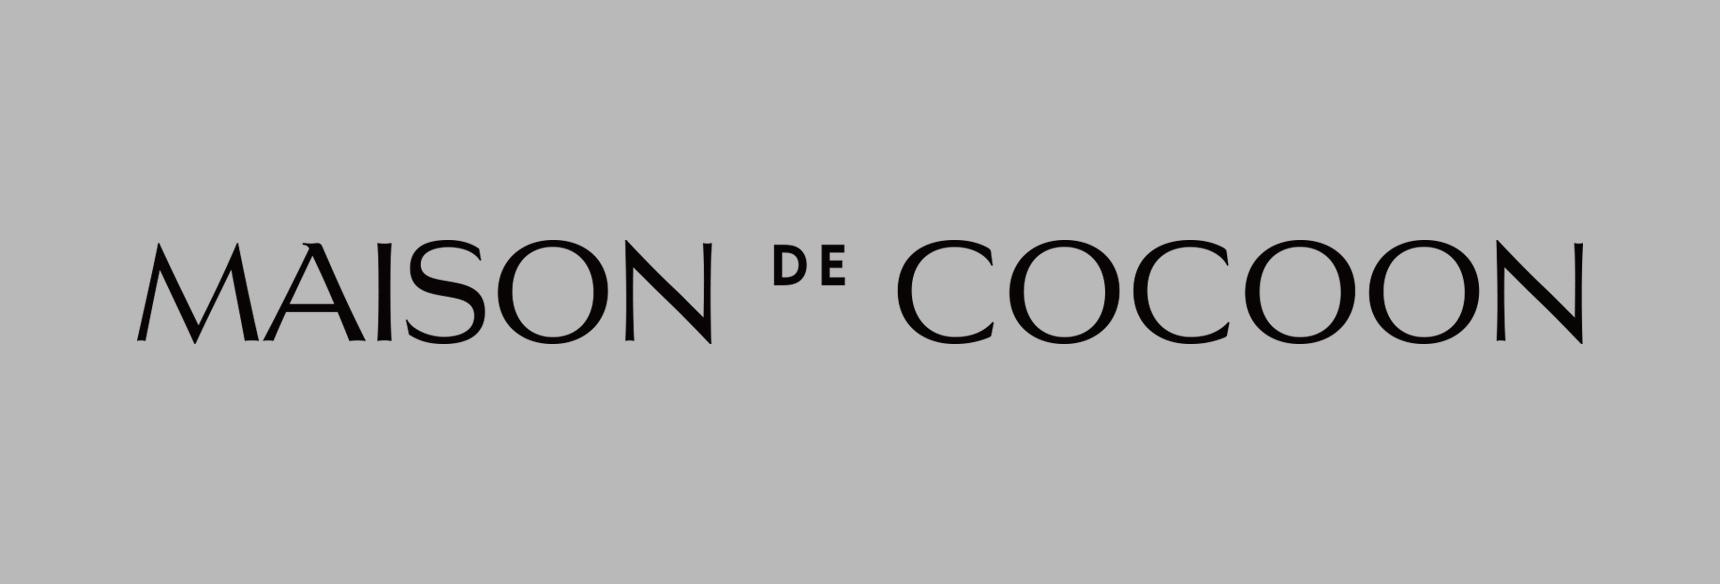 Maison de Cocoon